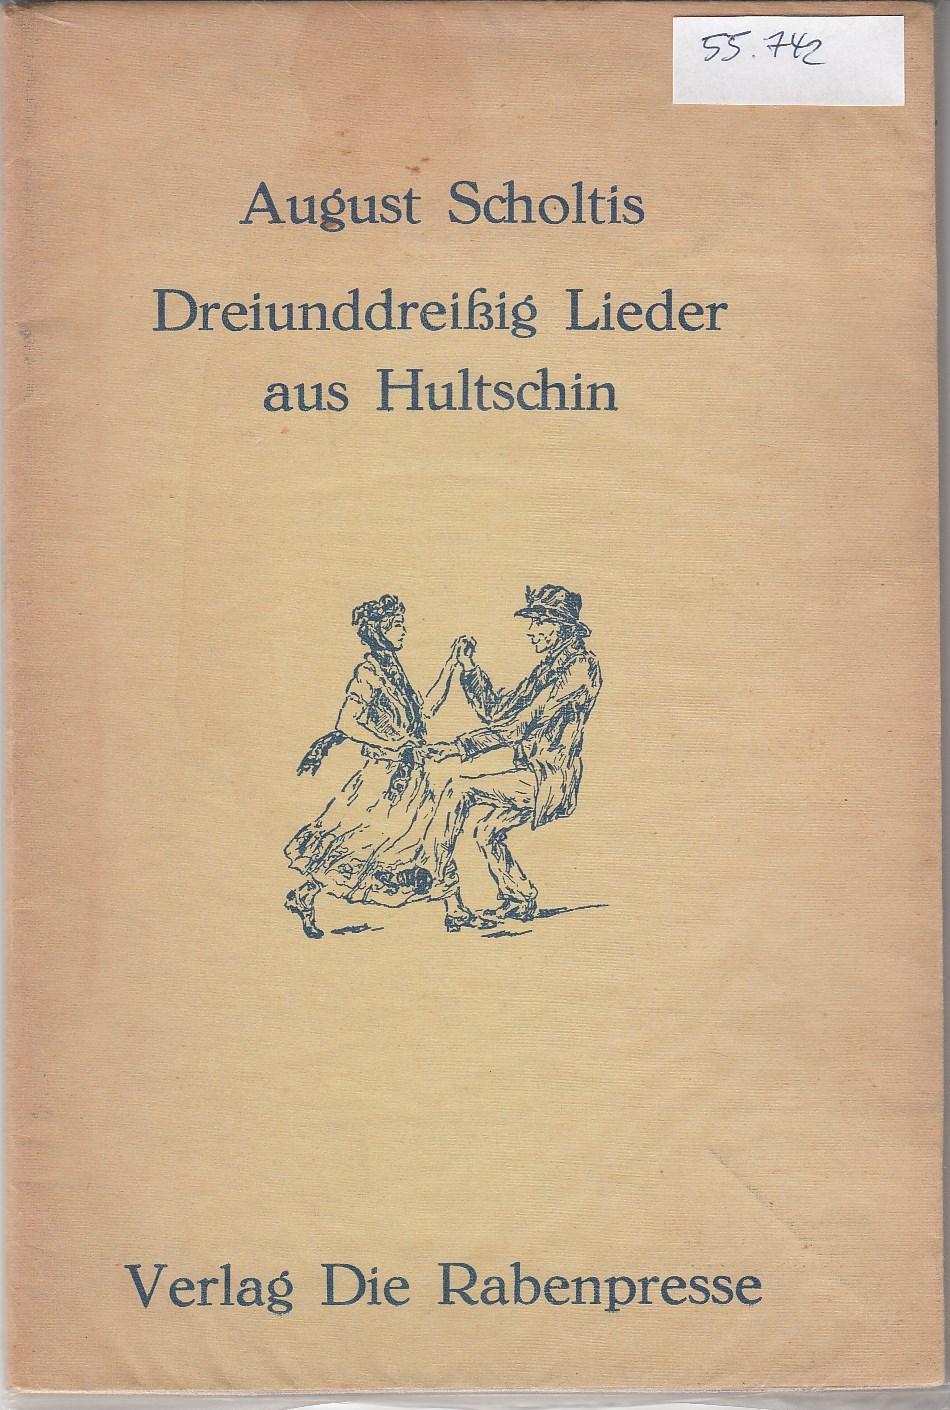 SCHOLTIS, August. Dreiunddreißig Lieder aus Hultschin. (8) Federzeichnungen in diesem Band sind von Wilhelm Doms.